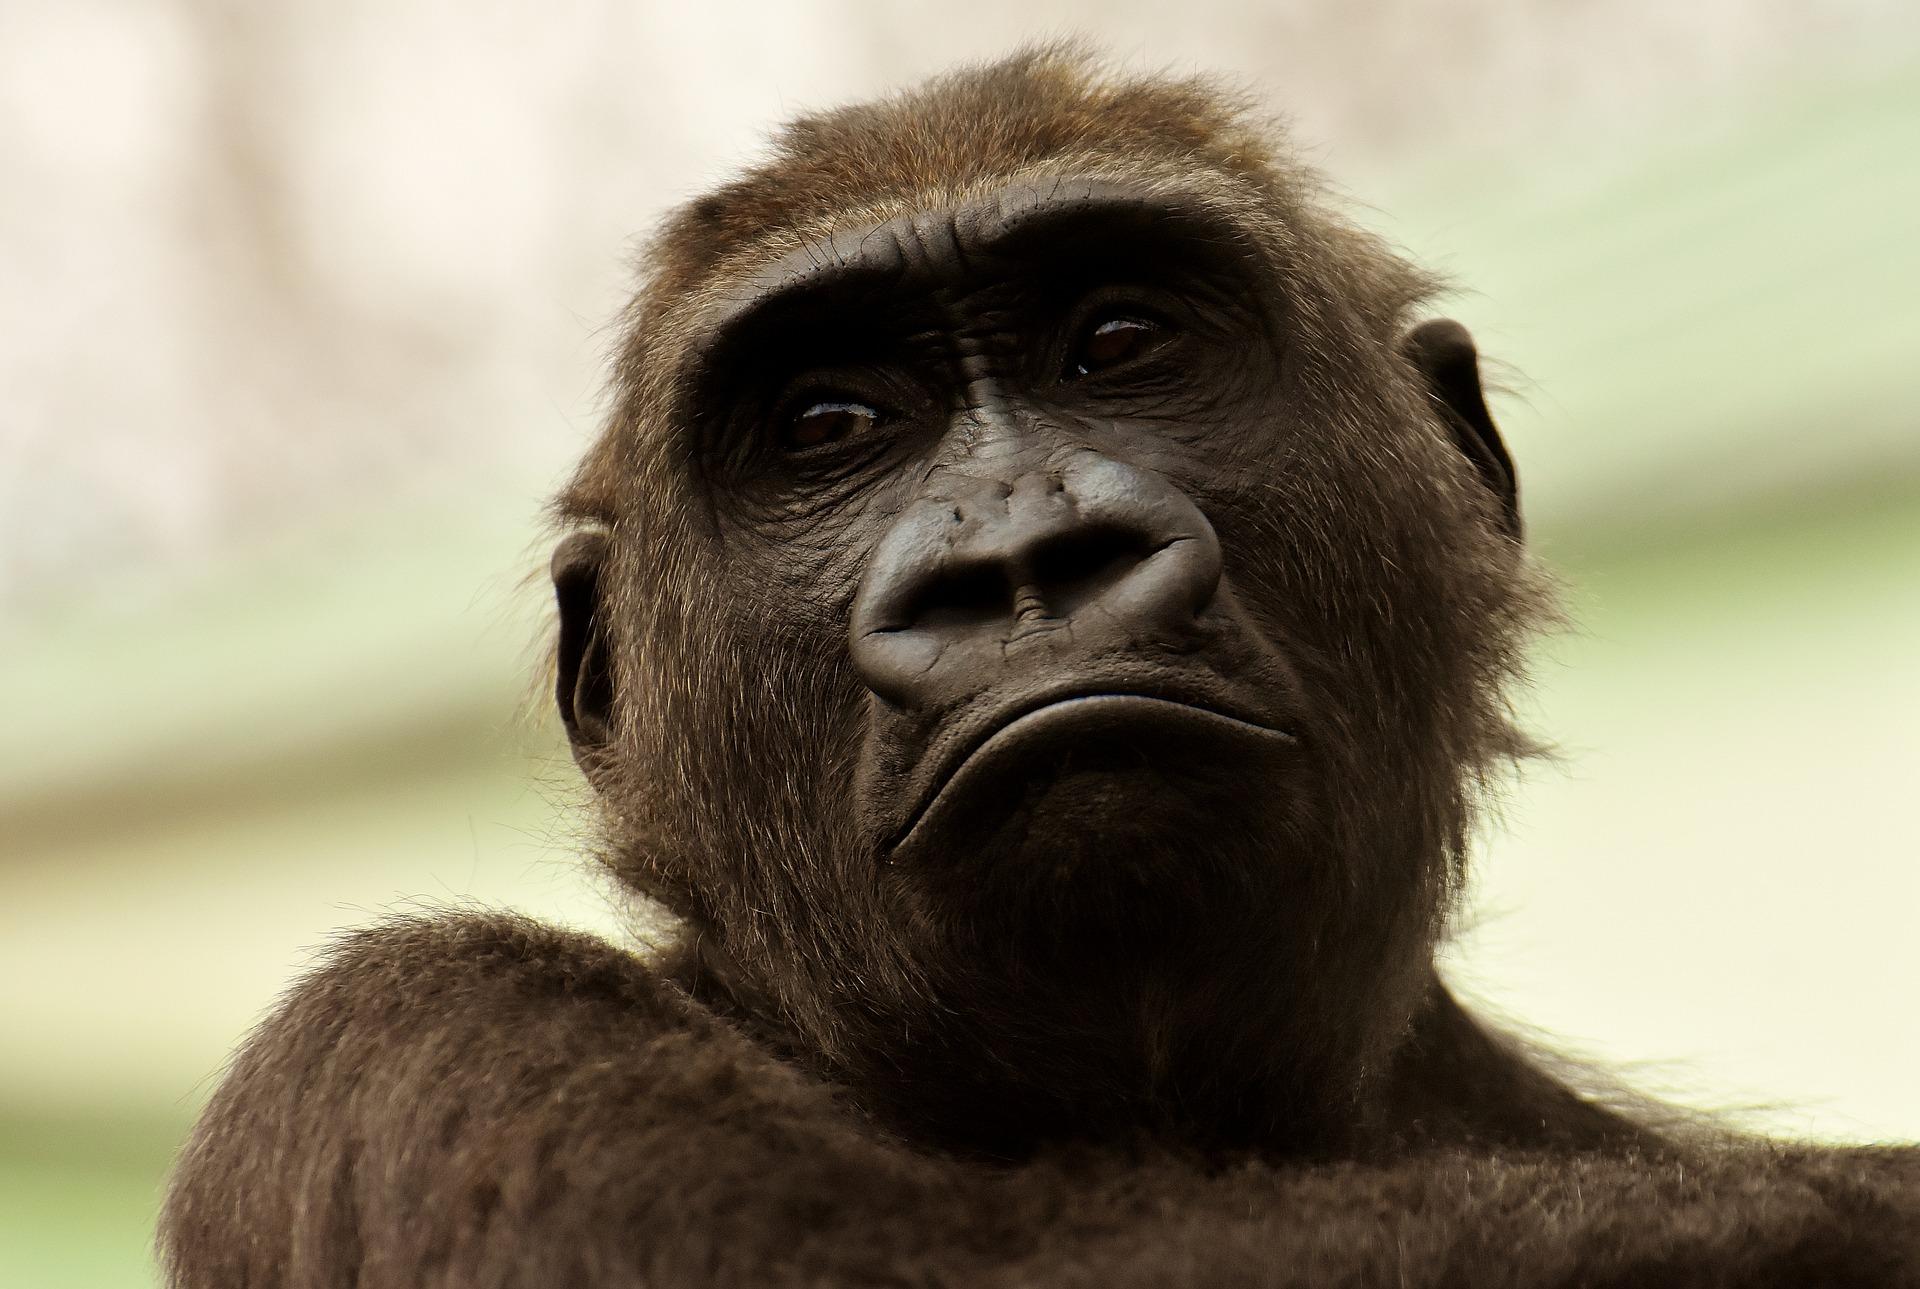 Squali nei rossetti, gorilla nei cellulari: la natura uccisa per i nostri comfort